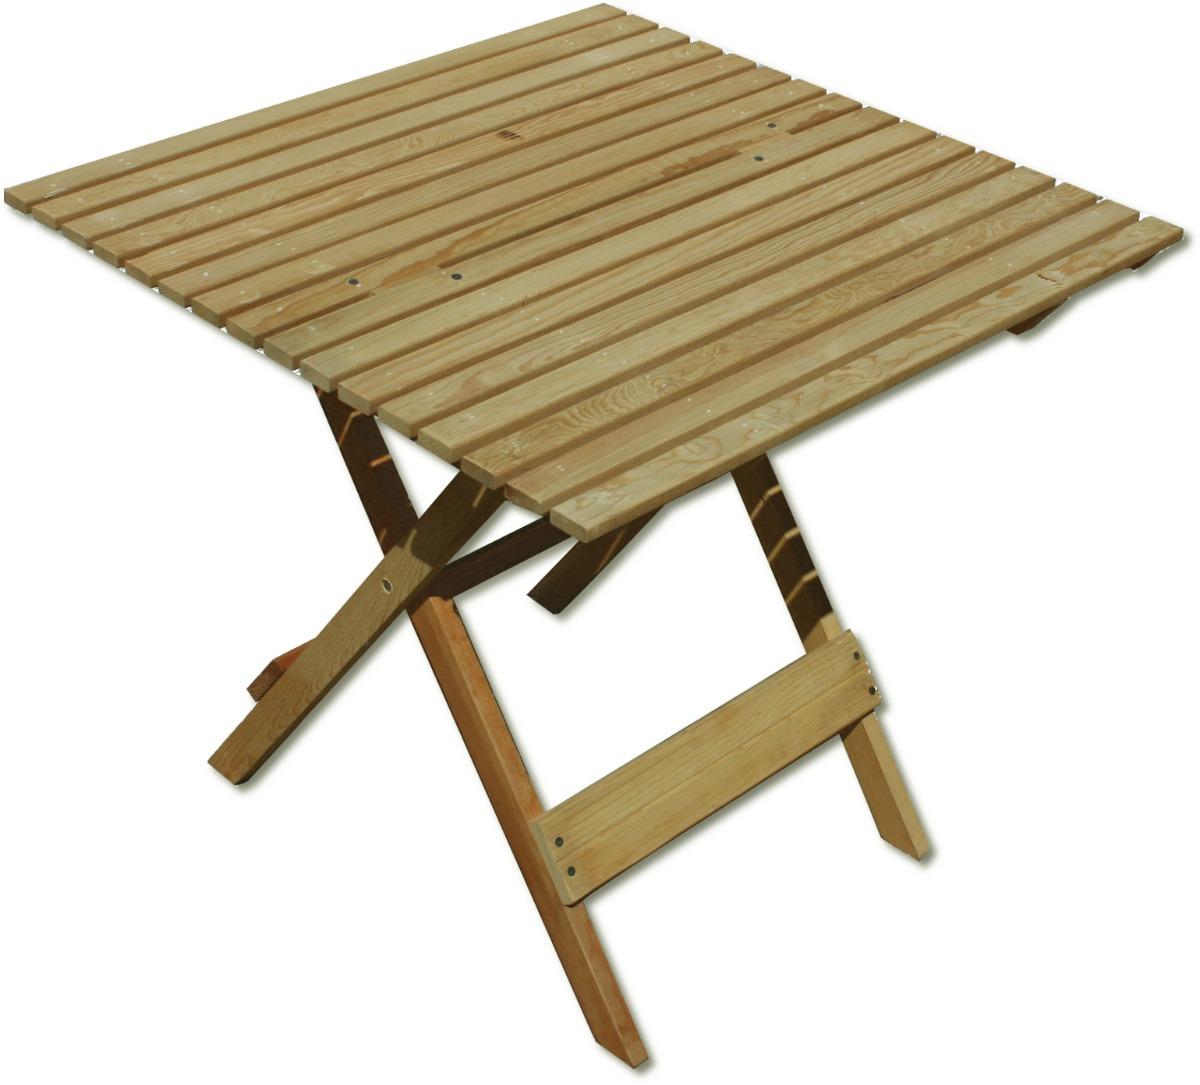 Muebles de jardn de madera muebles para jardin madera for Muebles de madera para jardin